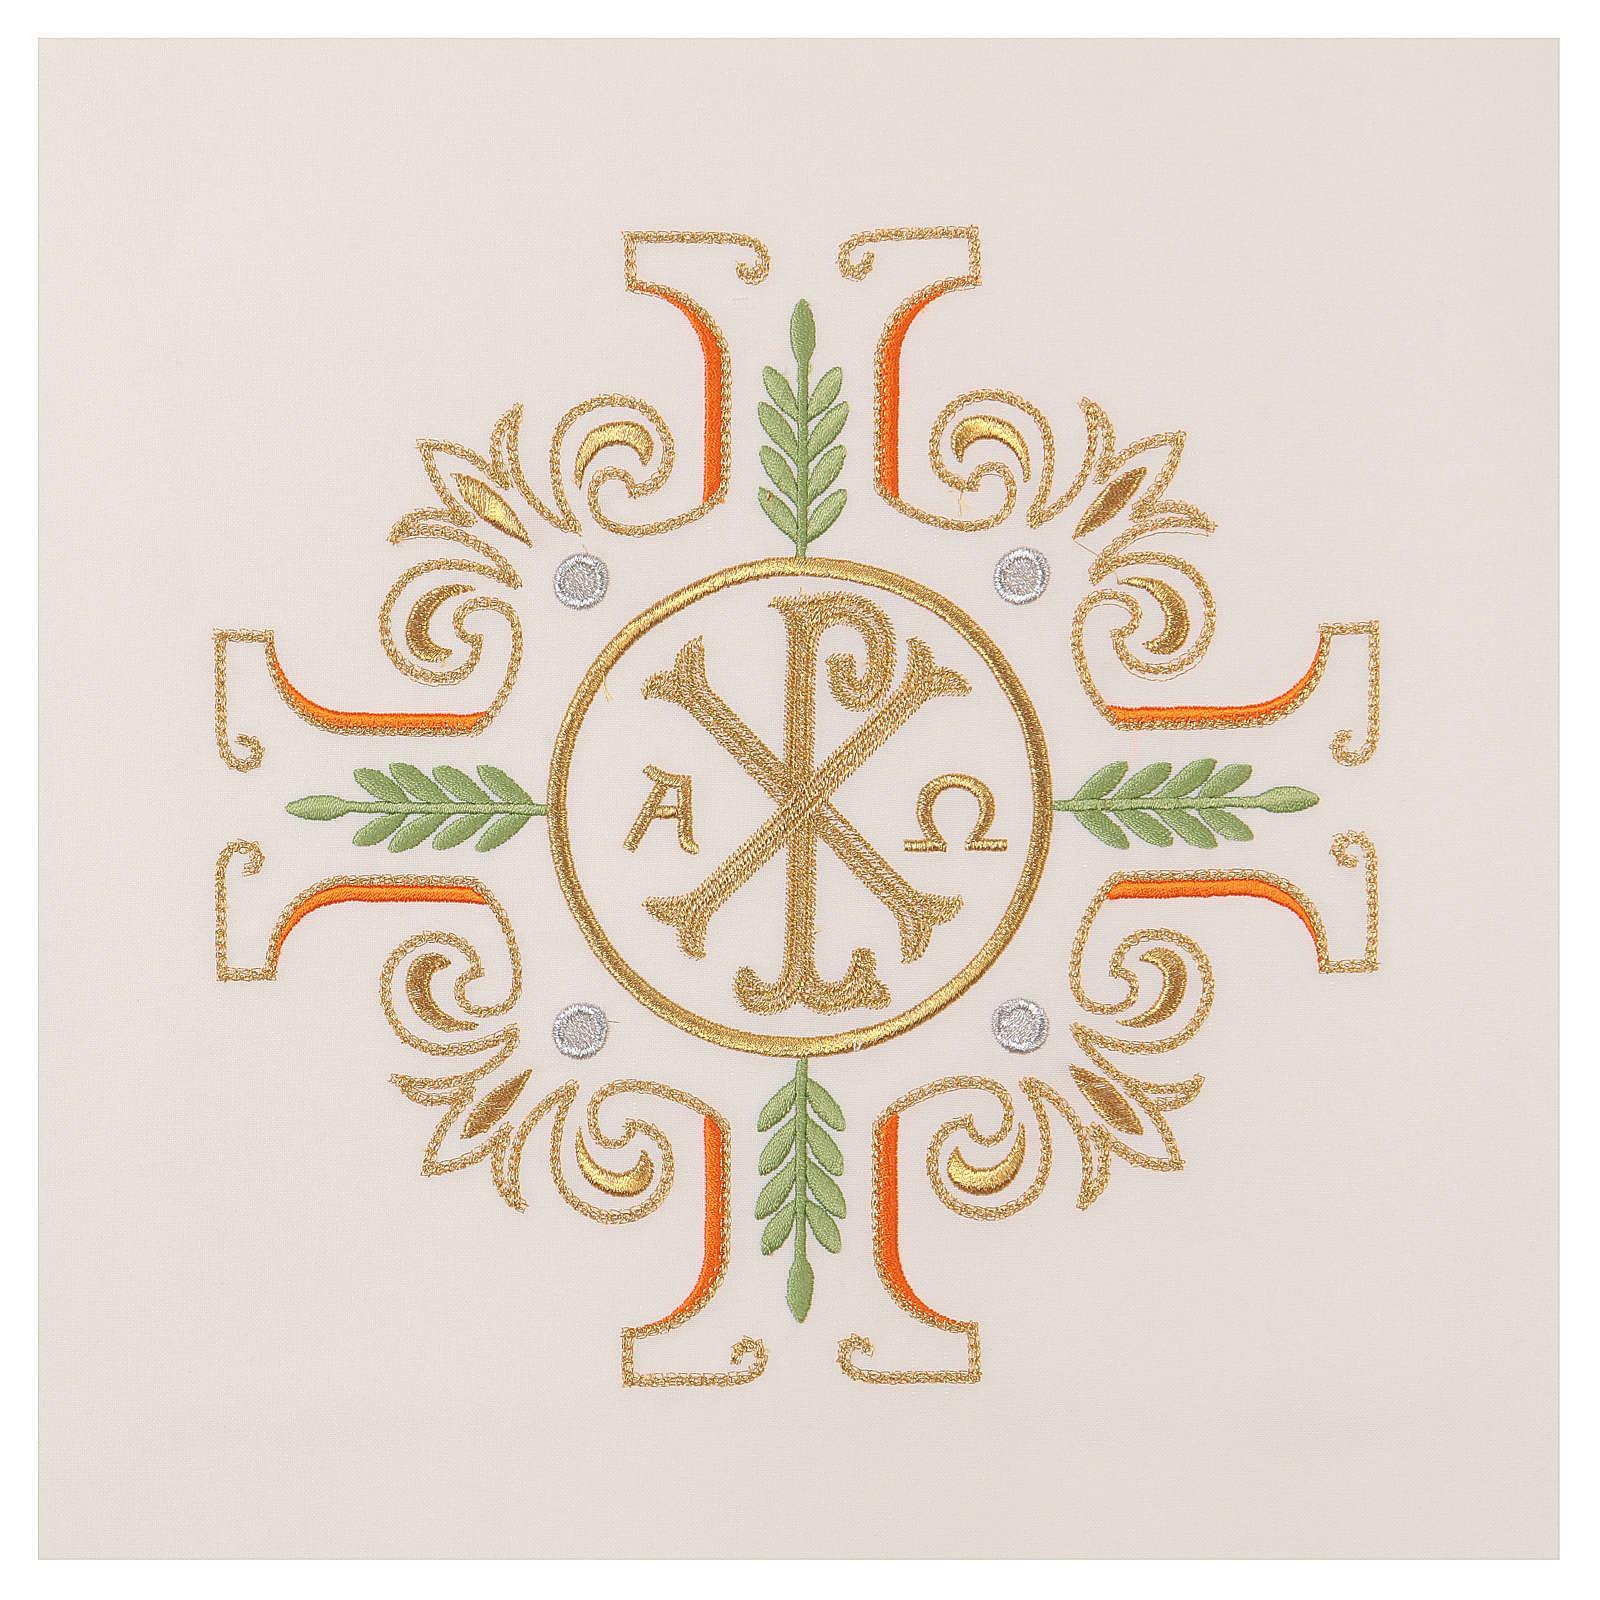 Coprileggio croce simbolo PAX Alfa e Omega 4